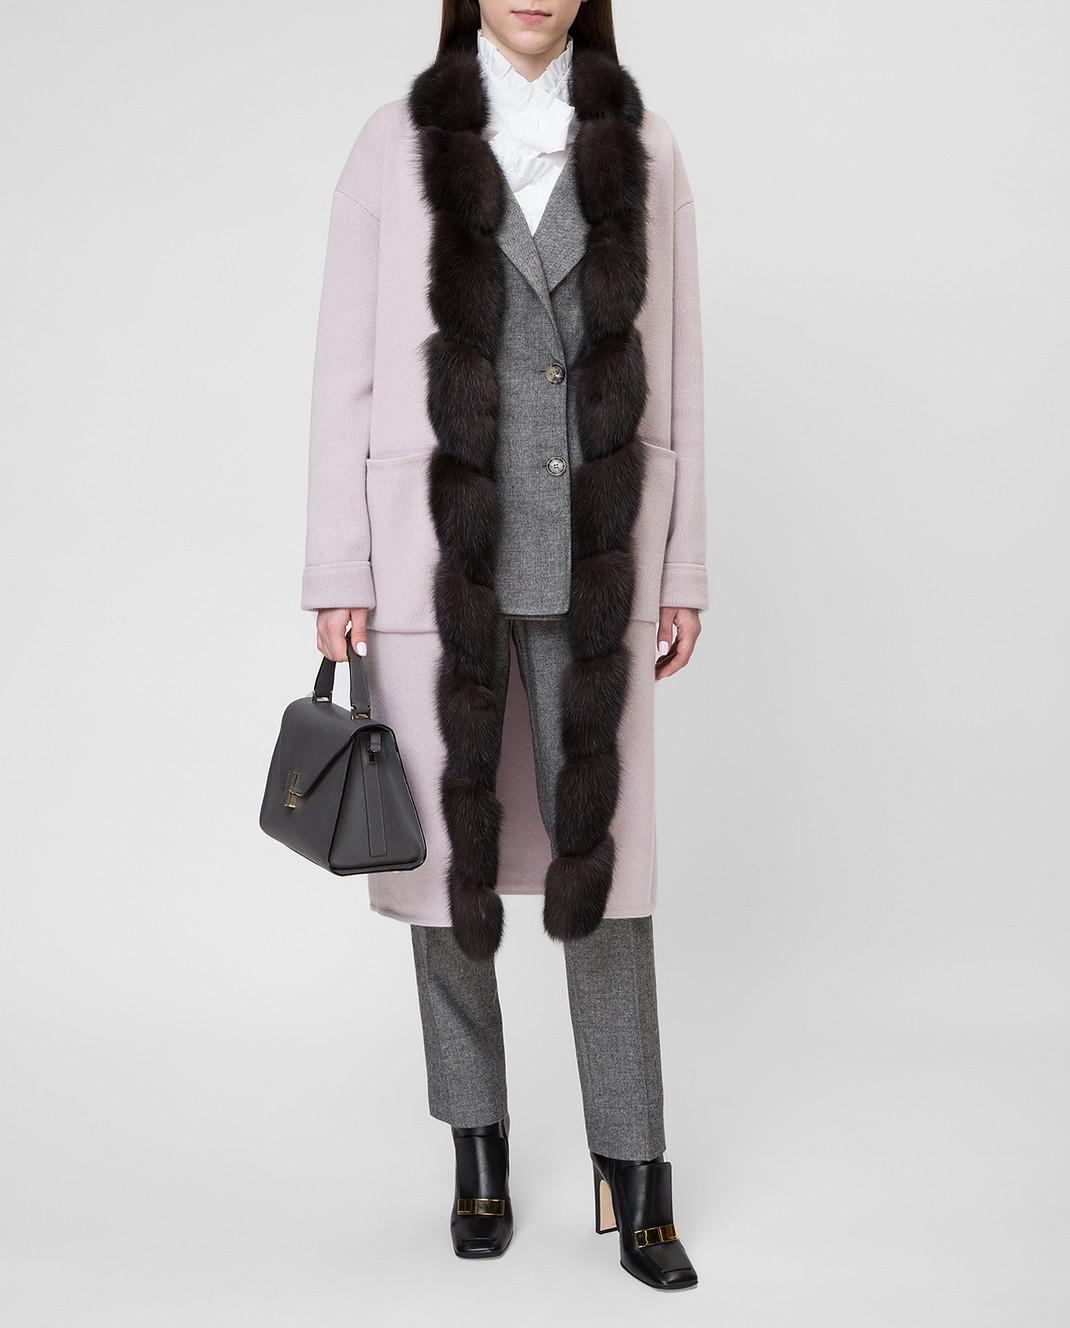 Real Furs House Пудровое пальто CSR01 изображение 2